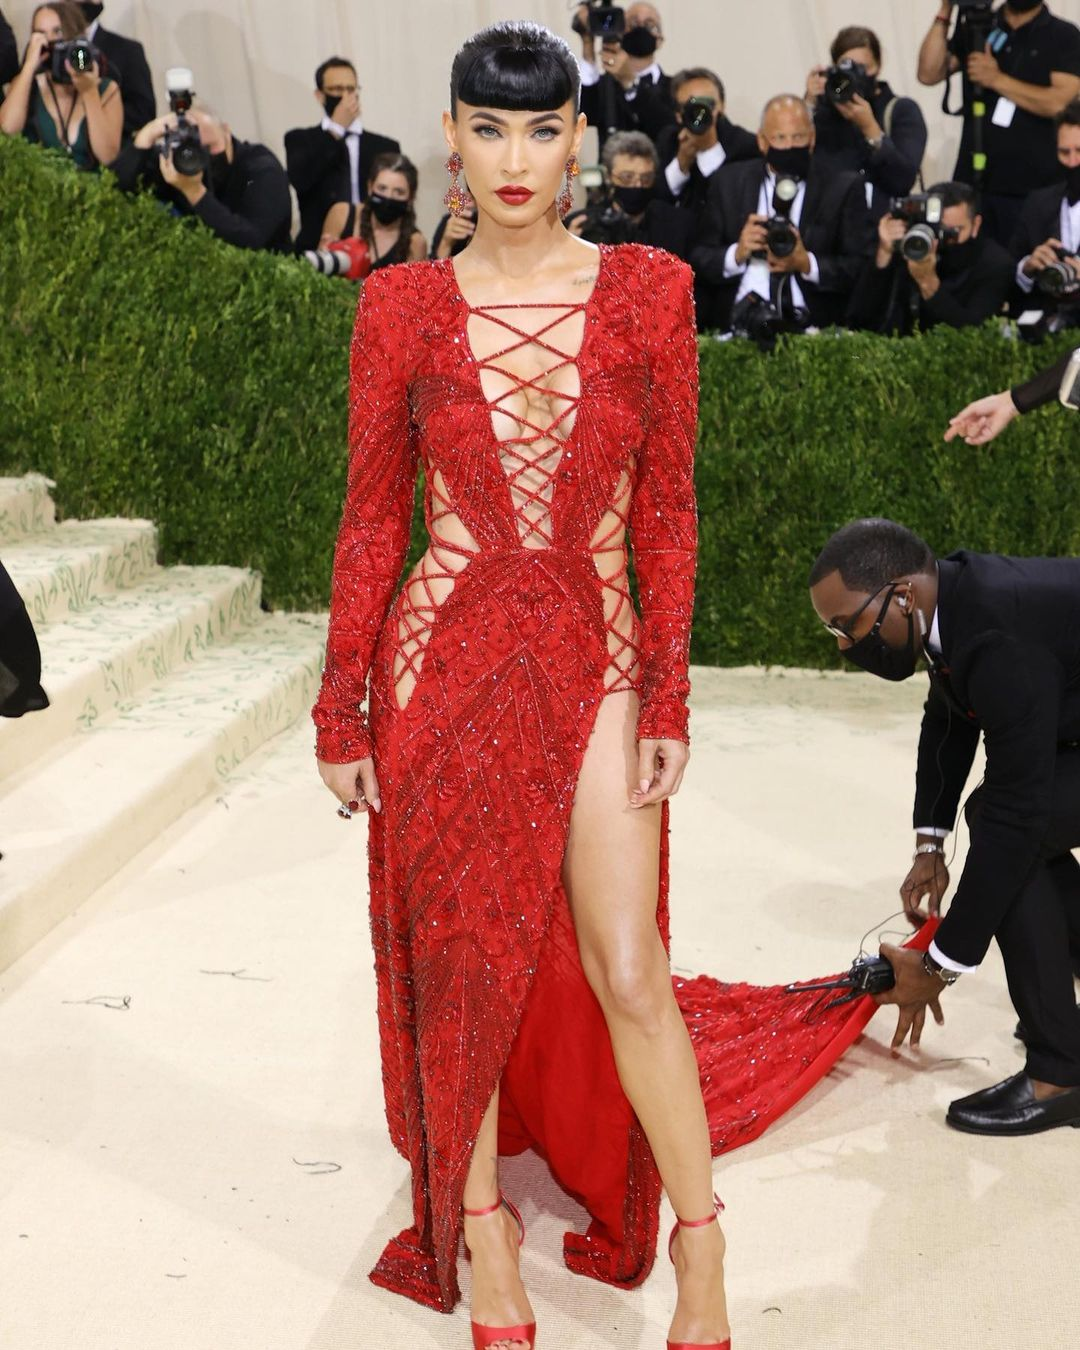 Met Gala 2021: Rosé xuất hiện, nhưng lại chìm nghỉm giữa những màn lột đồ lồng lộn trên thảm đỏ  - Ảnh 12.